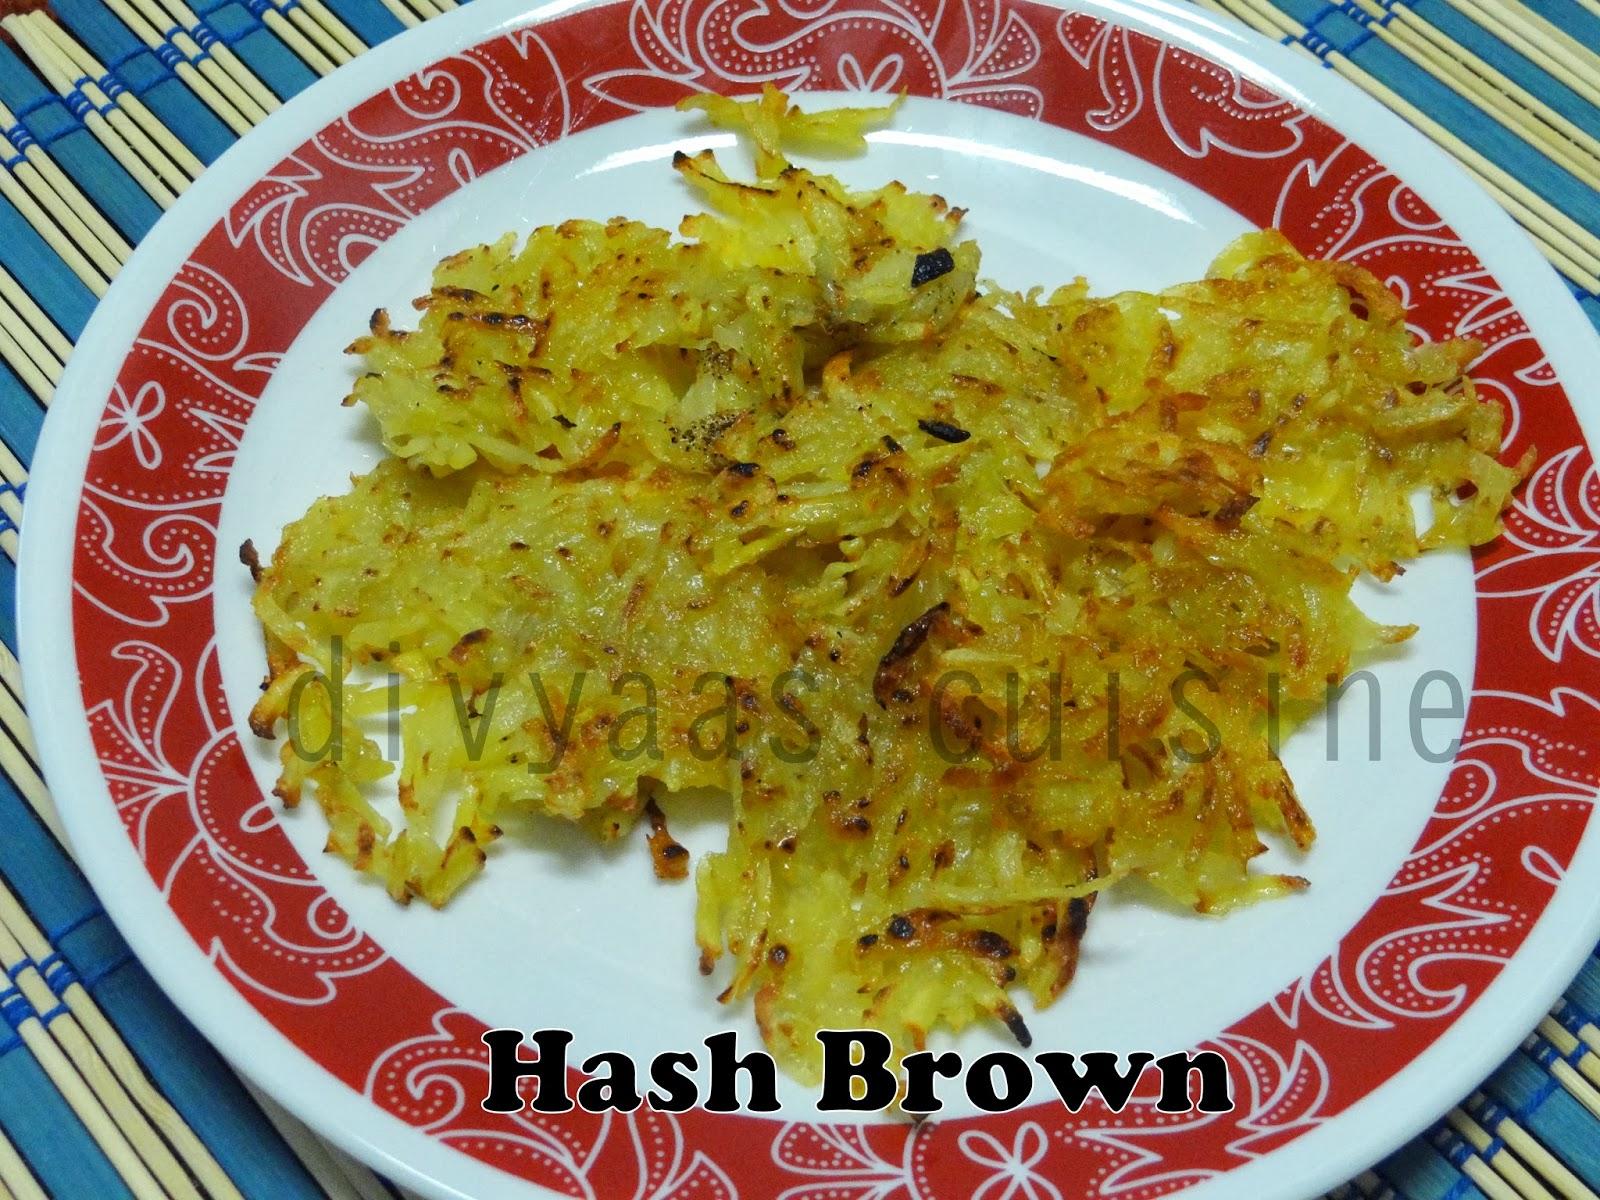 Hash Brown Potato Fry